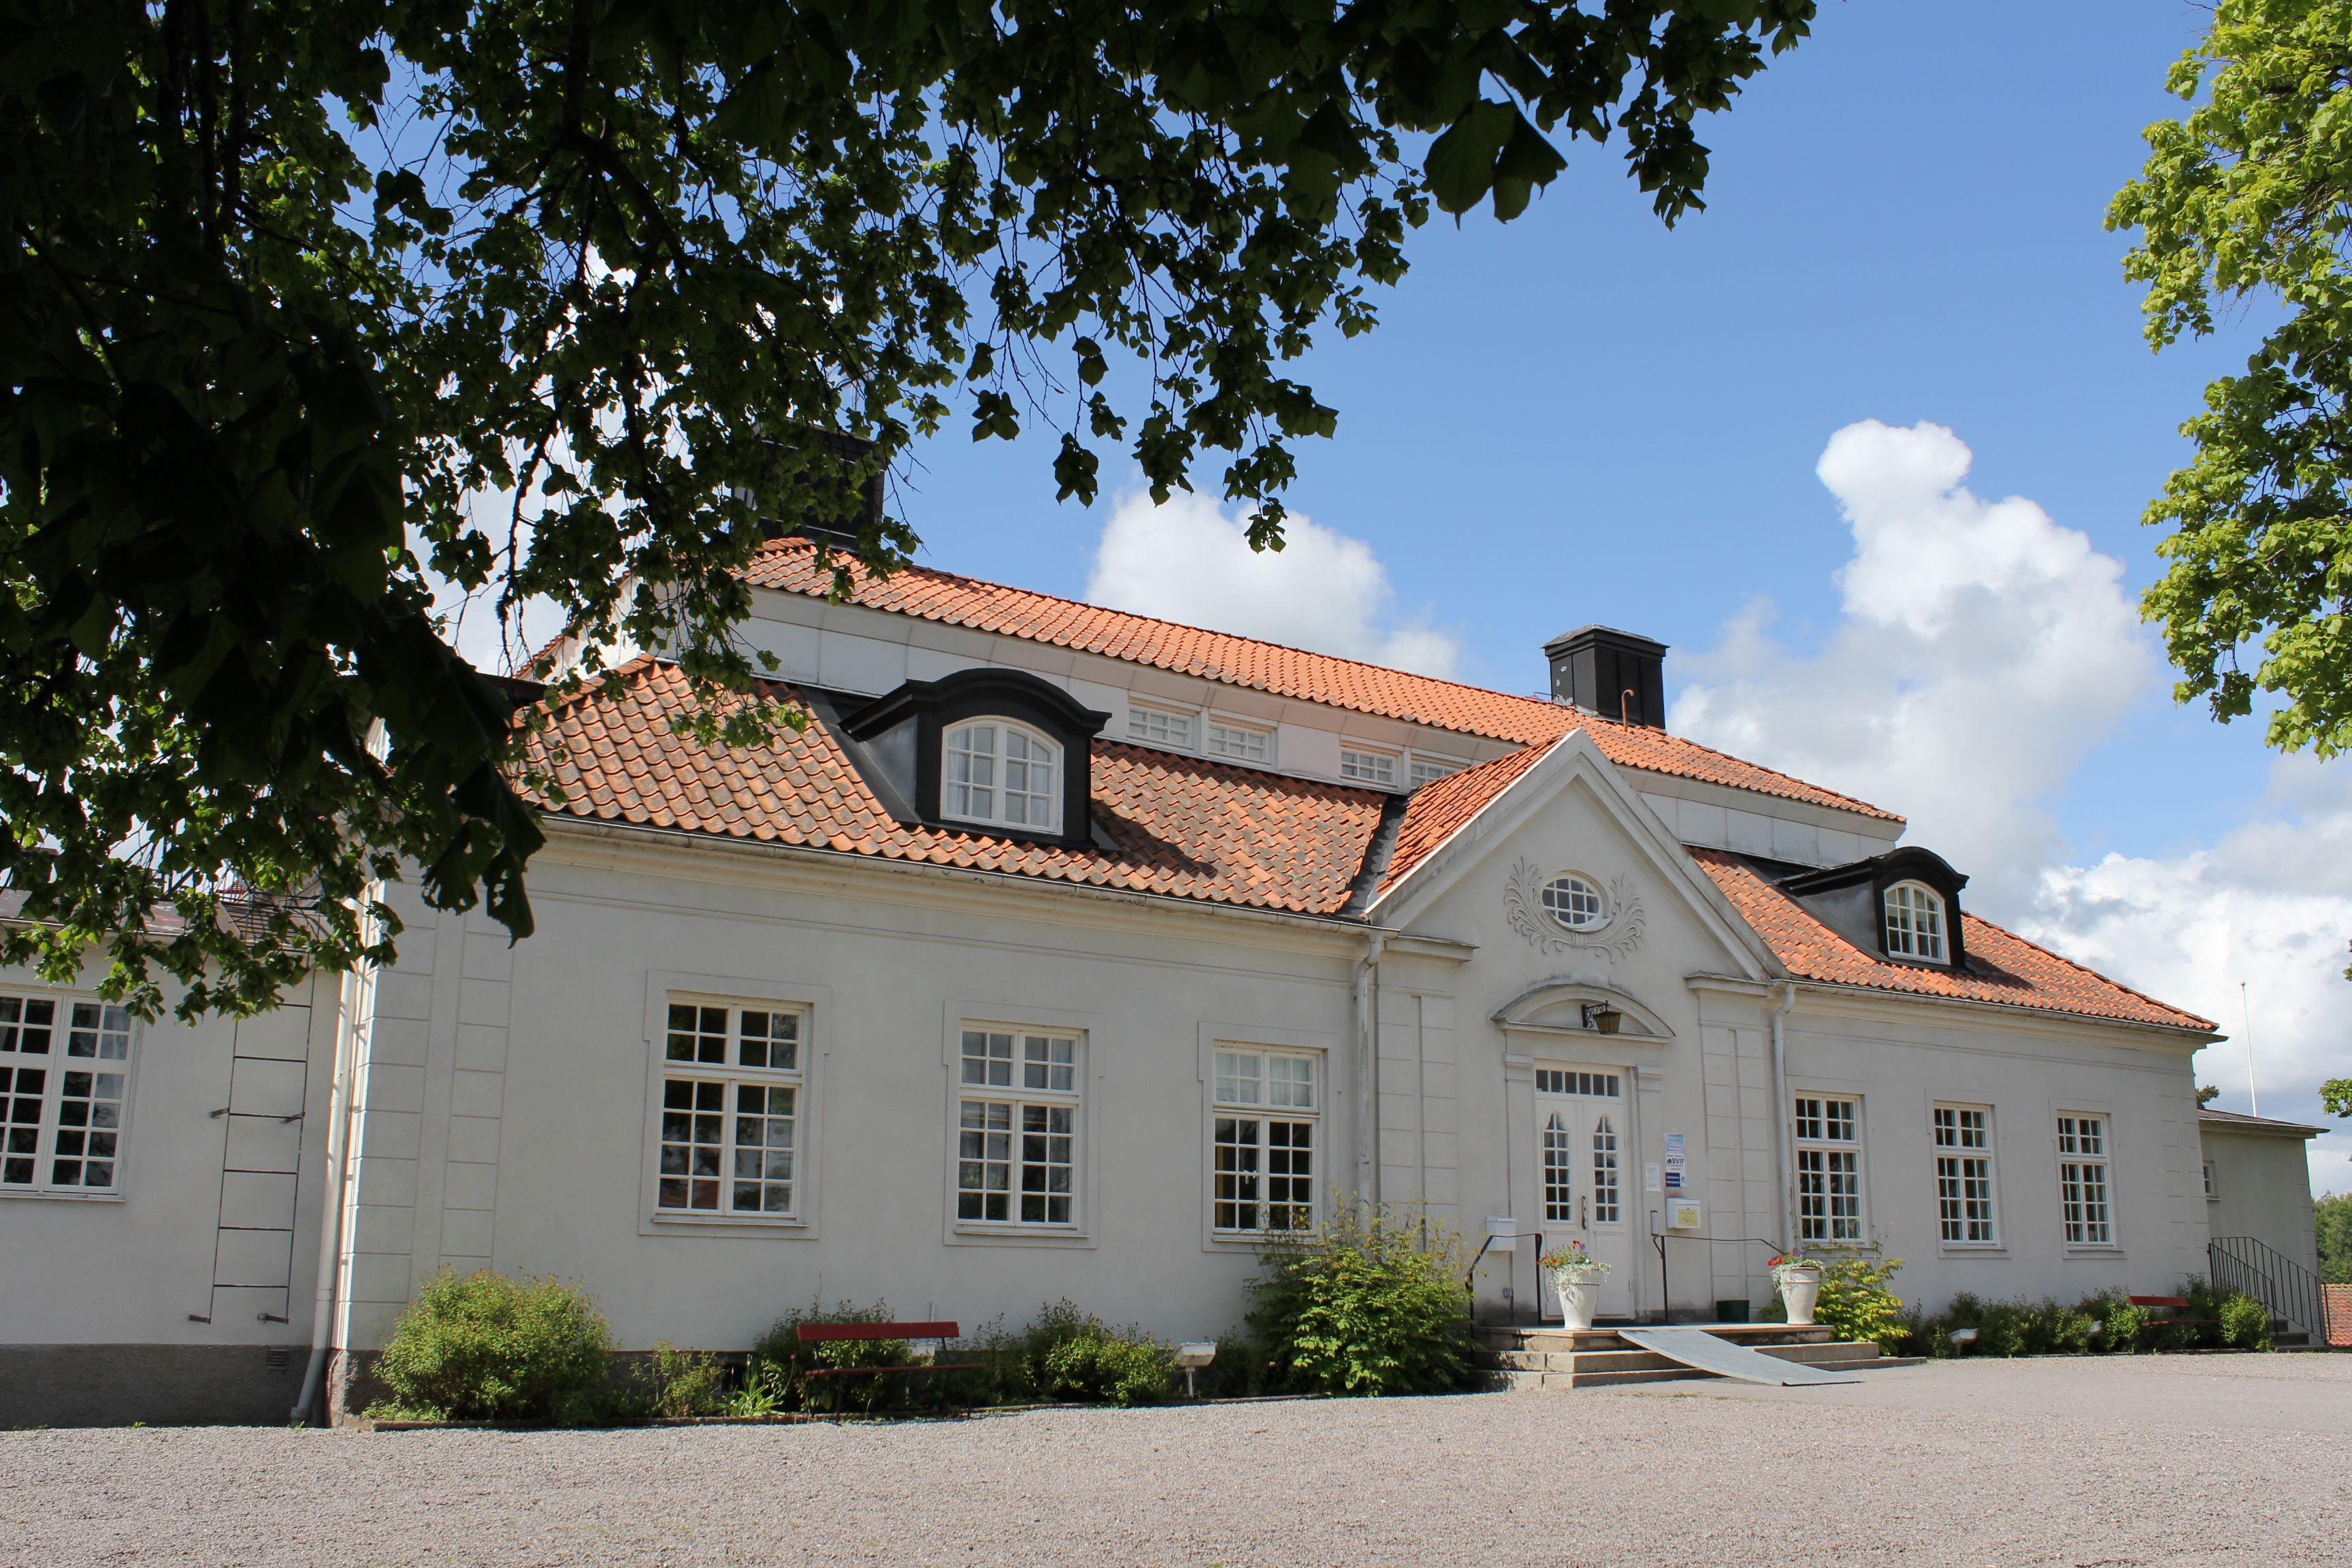 Liljeholmen herrgård pampig byggnad framsida